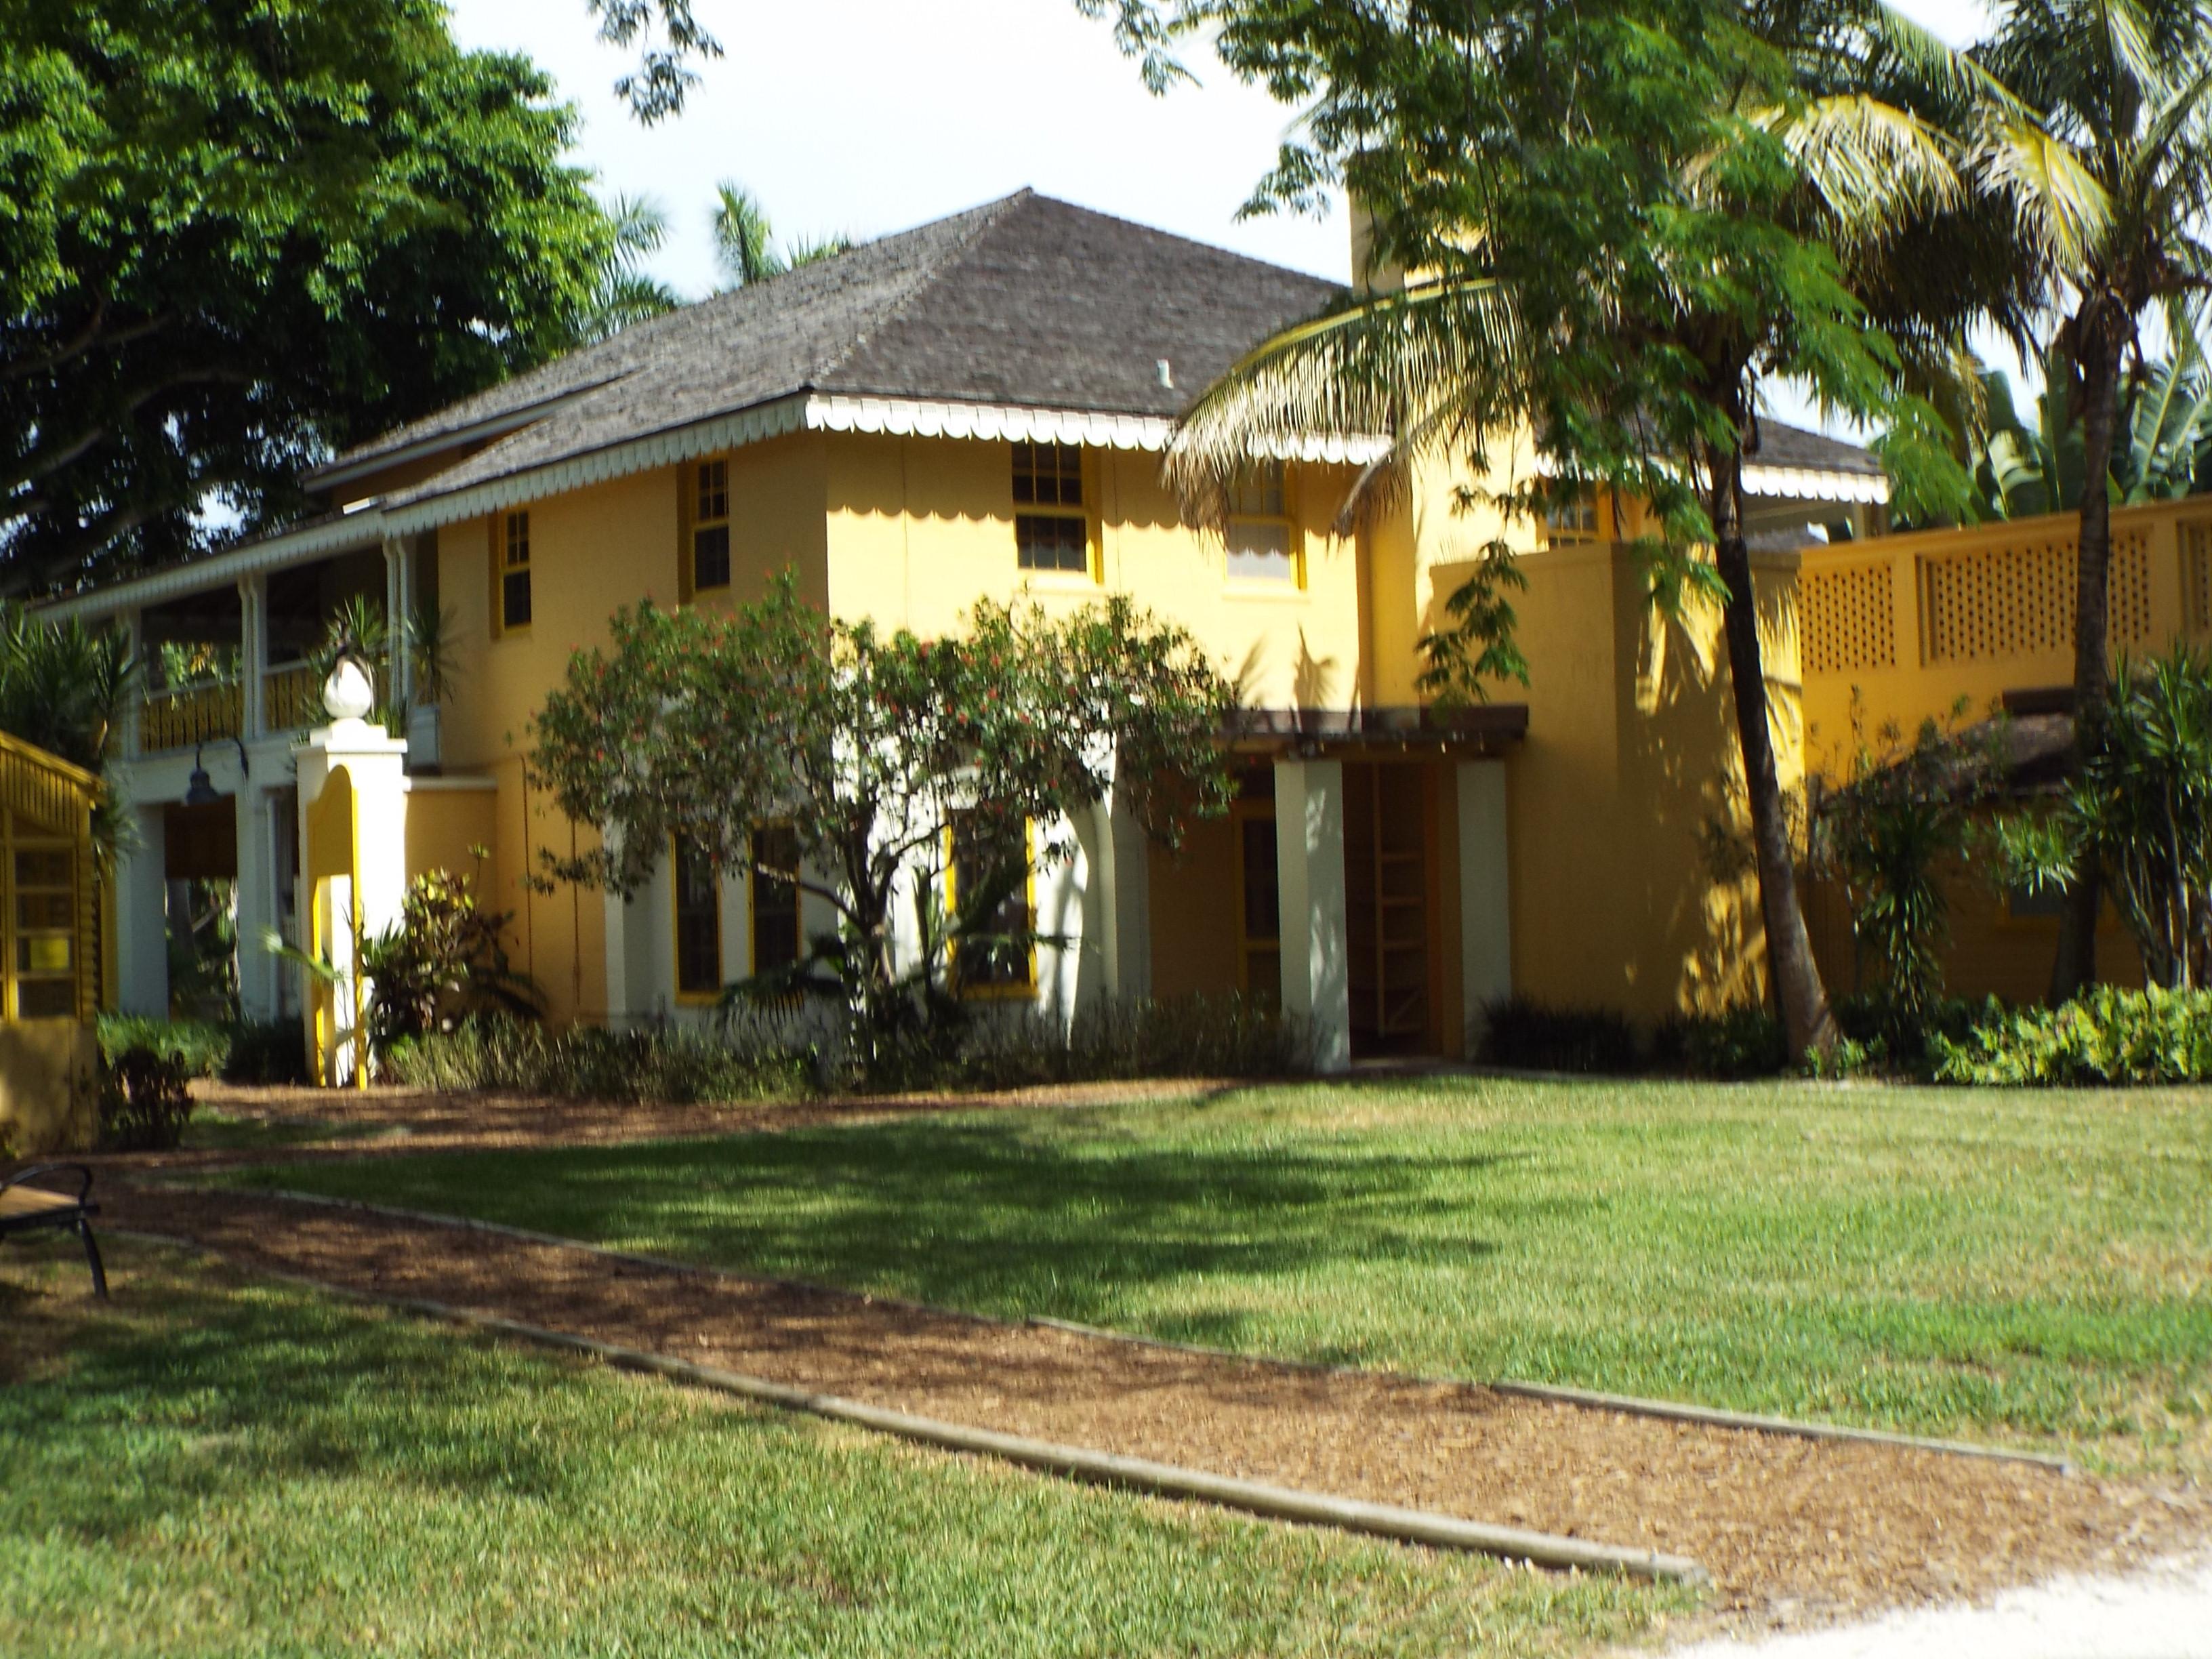 File:Florida Fort Lauderdale Bonnet House 1900 8